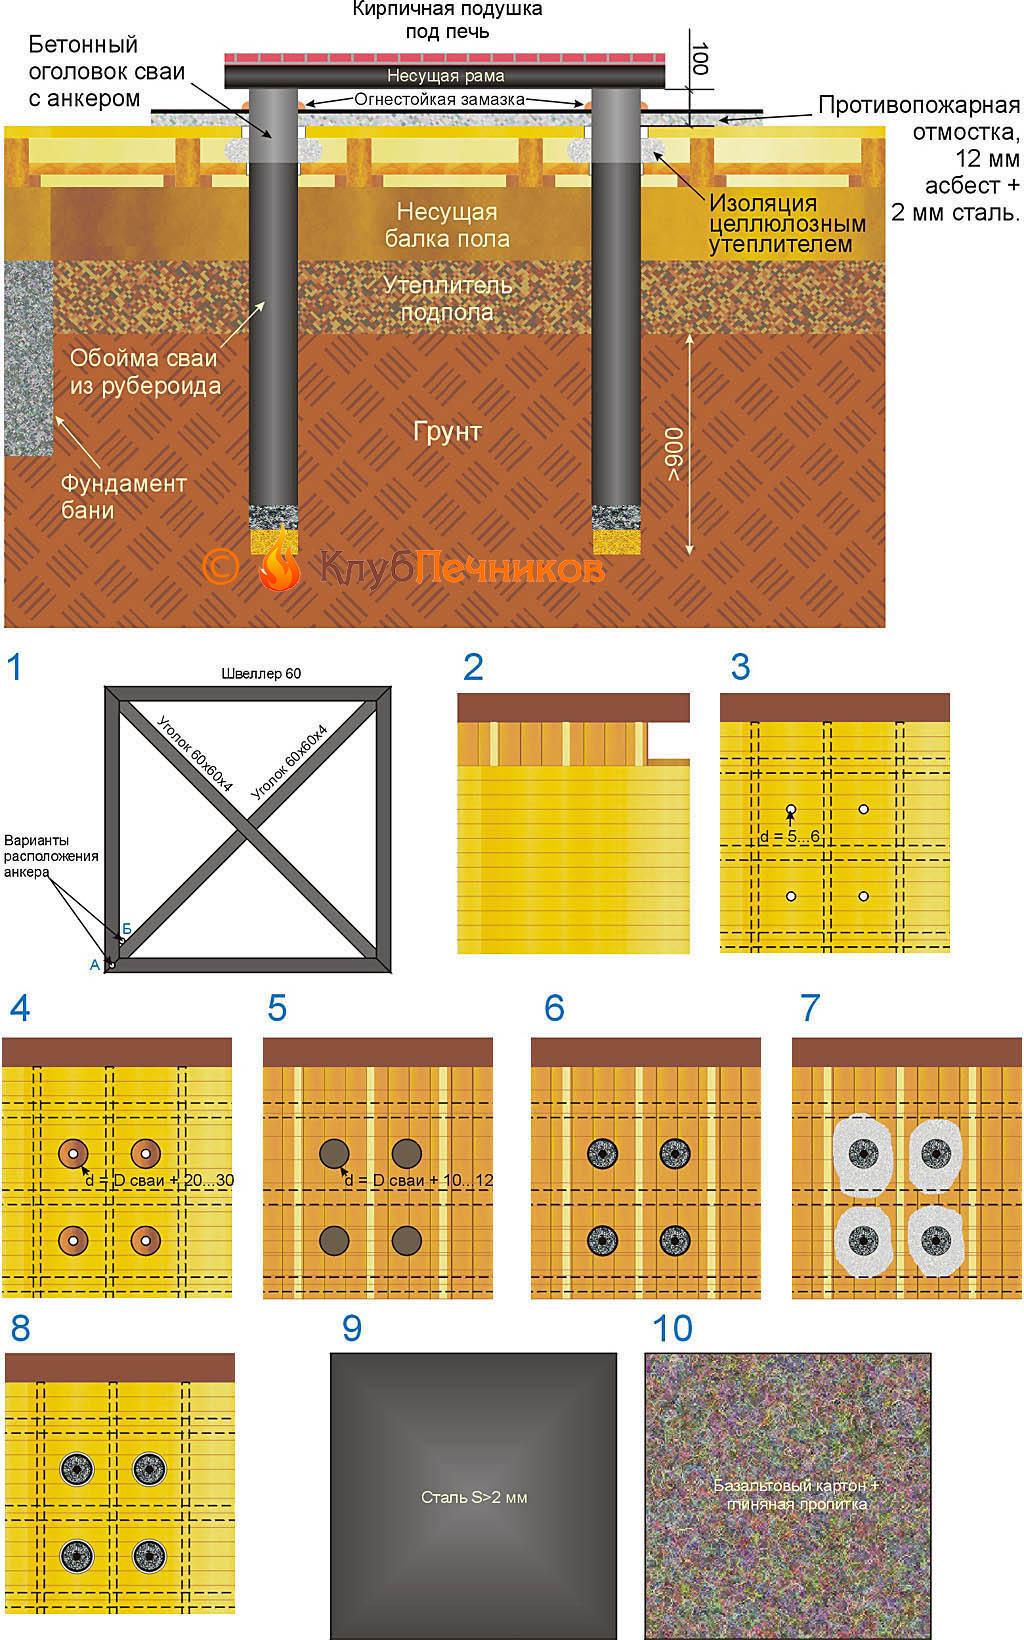 Схема устройства и порядок постройки свайного фундамента для печи сквозь пол